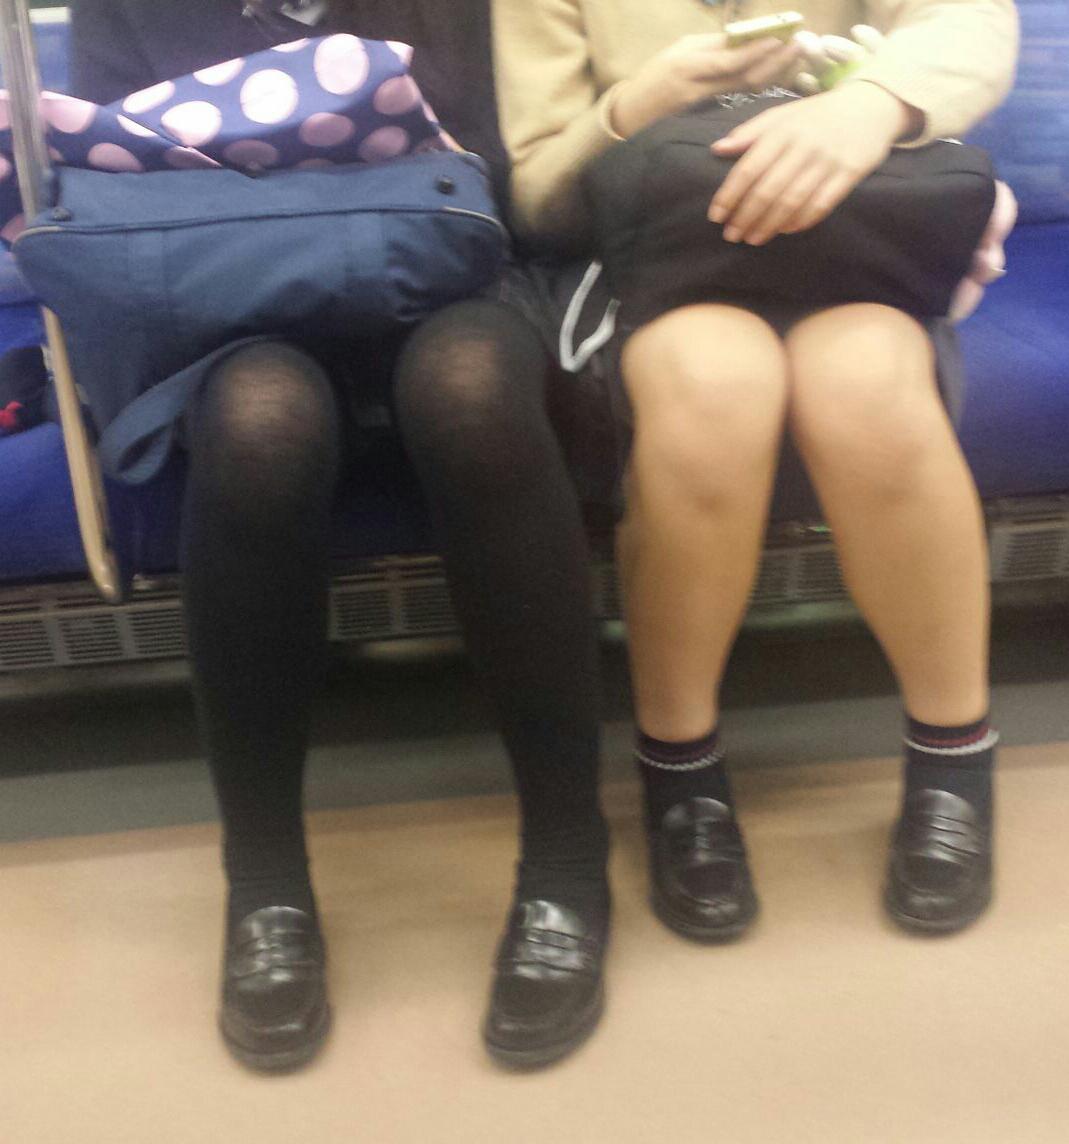 【美脚&チラリズムエロ画像】パンツ見えずとも諦めない!電車の対面から美脚チェックwww 05